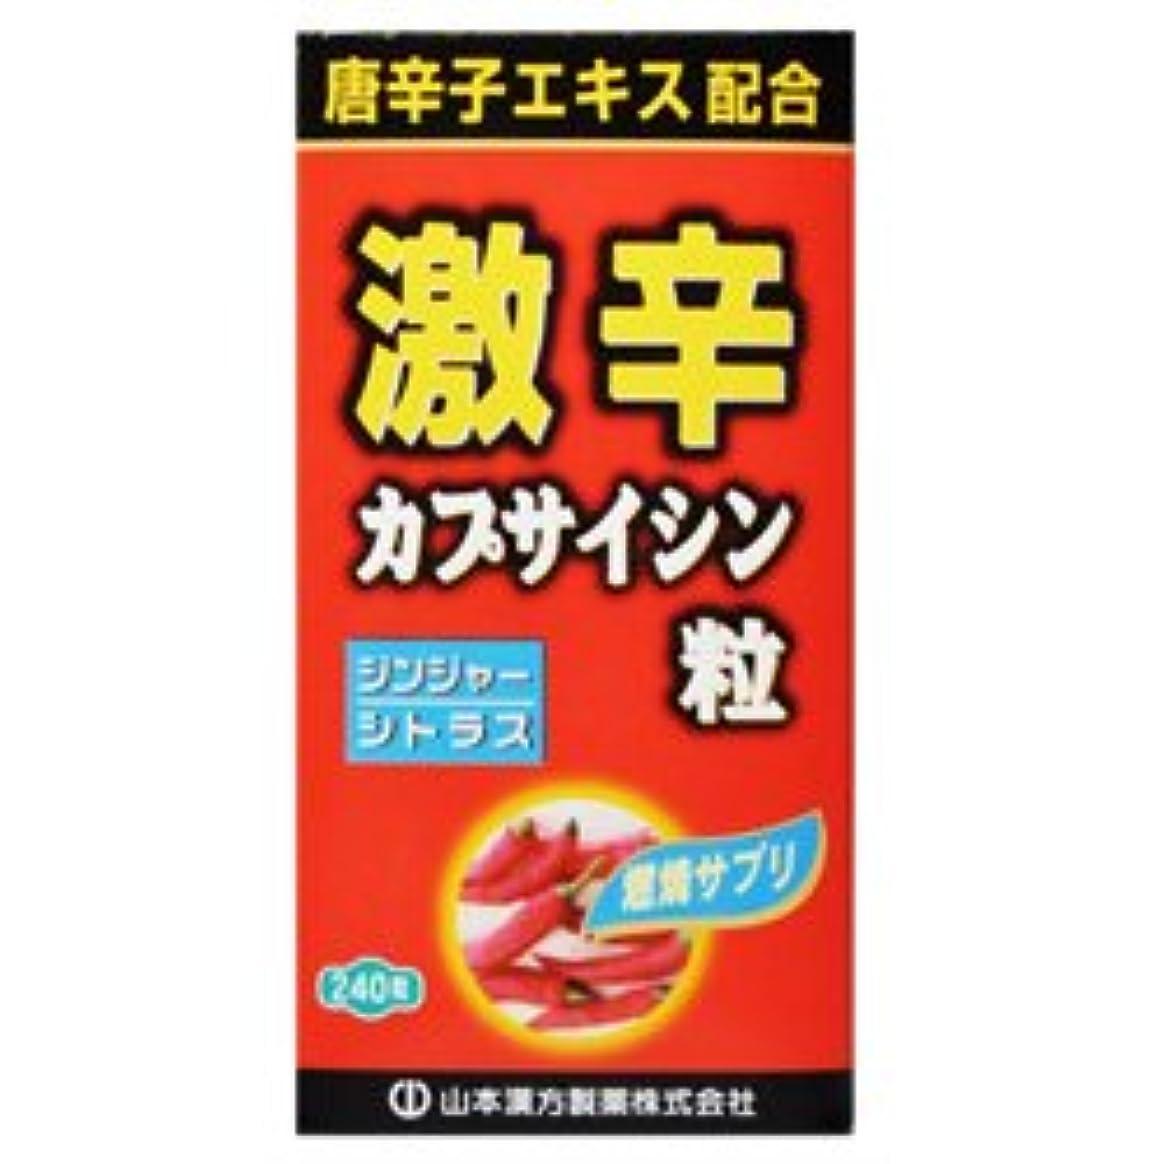 適度に艶わずかな【山本漢方製薬】激辛 カプサイシン粒 240粒 ×5個セット